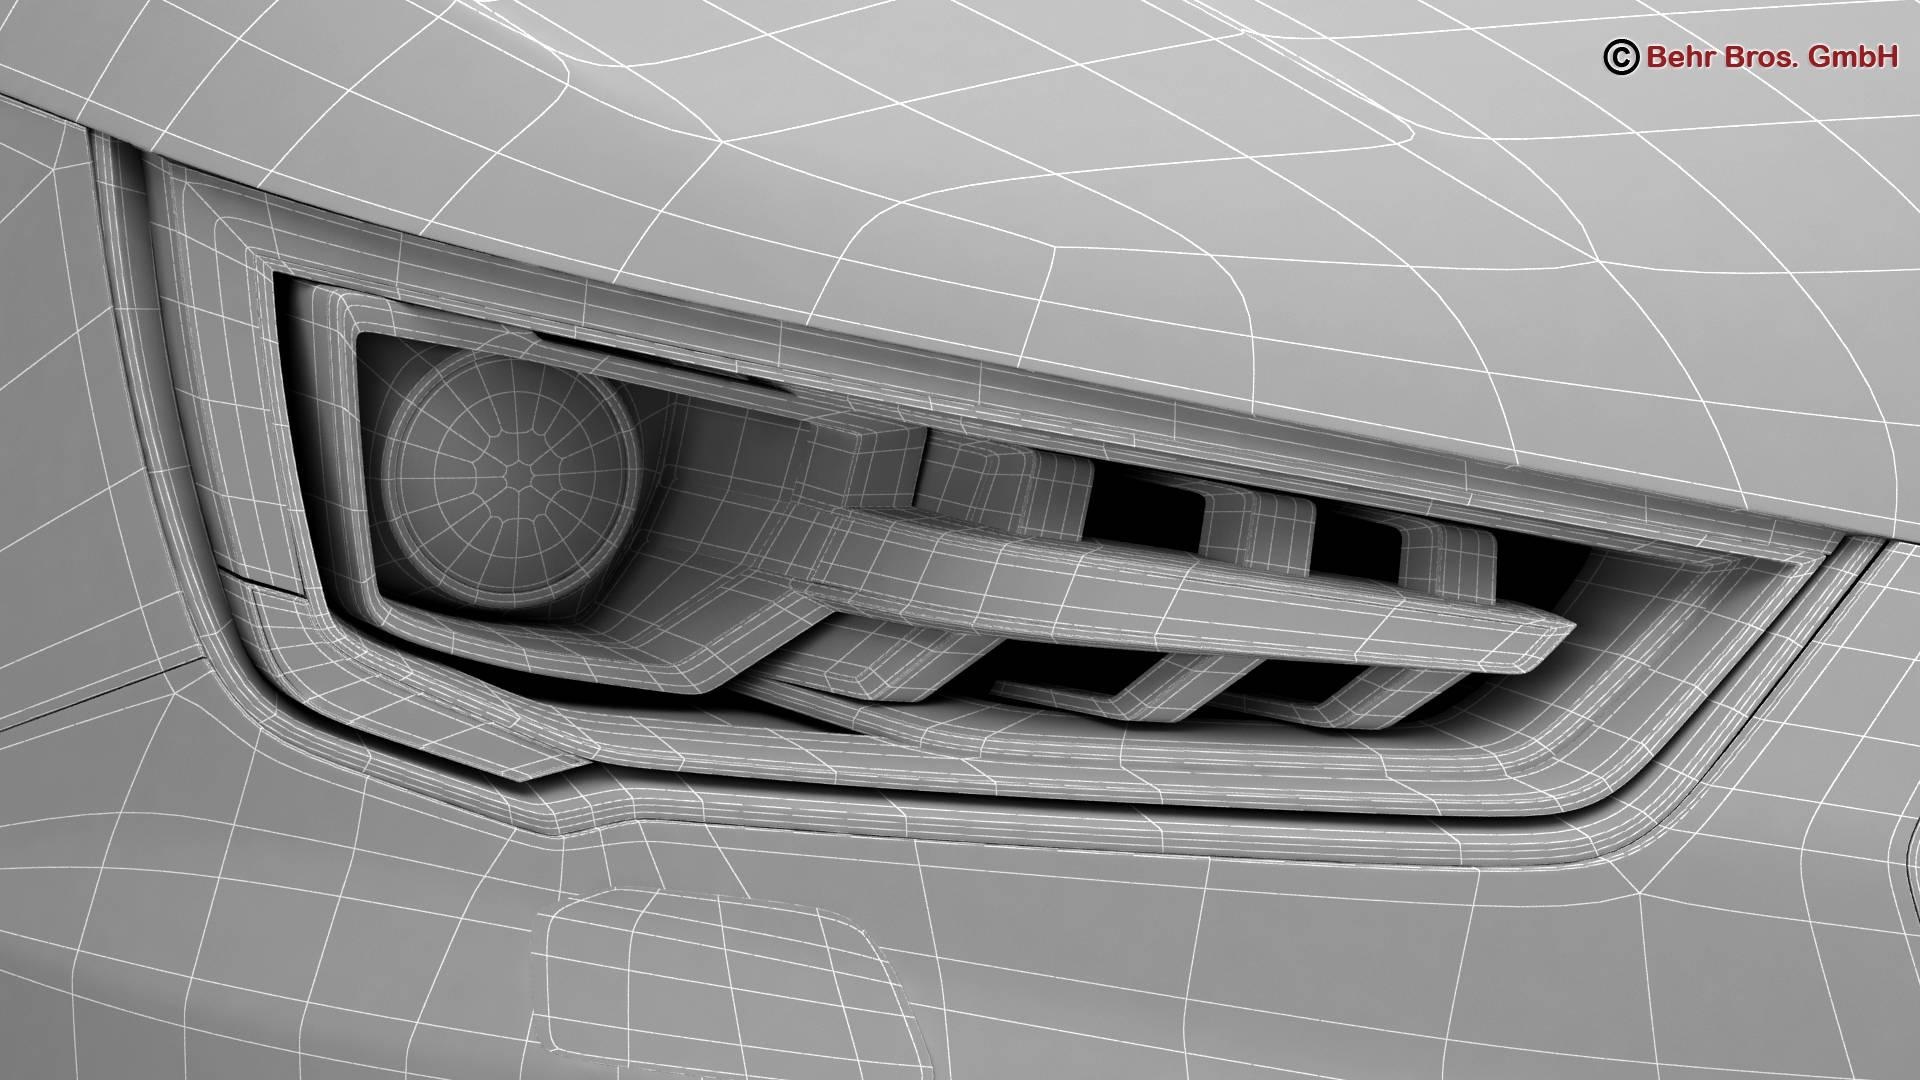 Audi a1 2015 3d model 3ds max fbx c4d am fwy o wybodaeth 214718